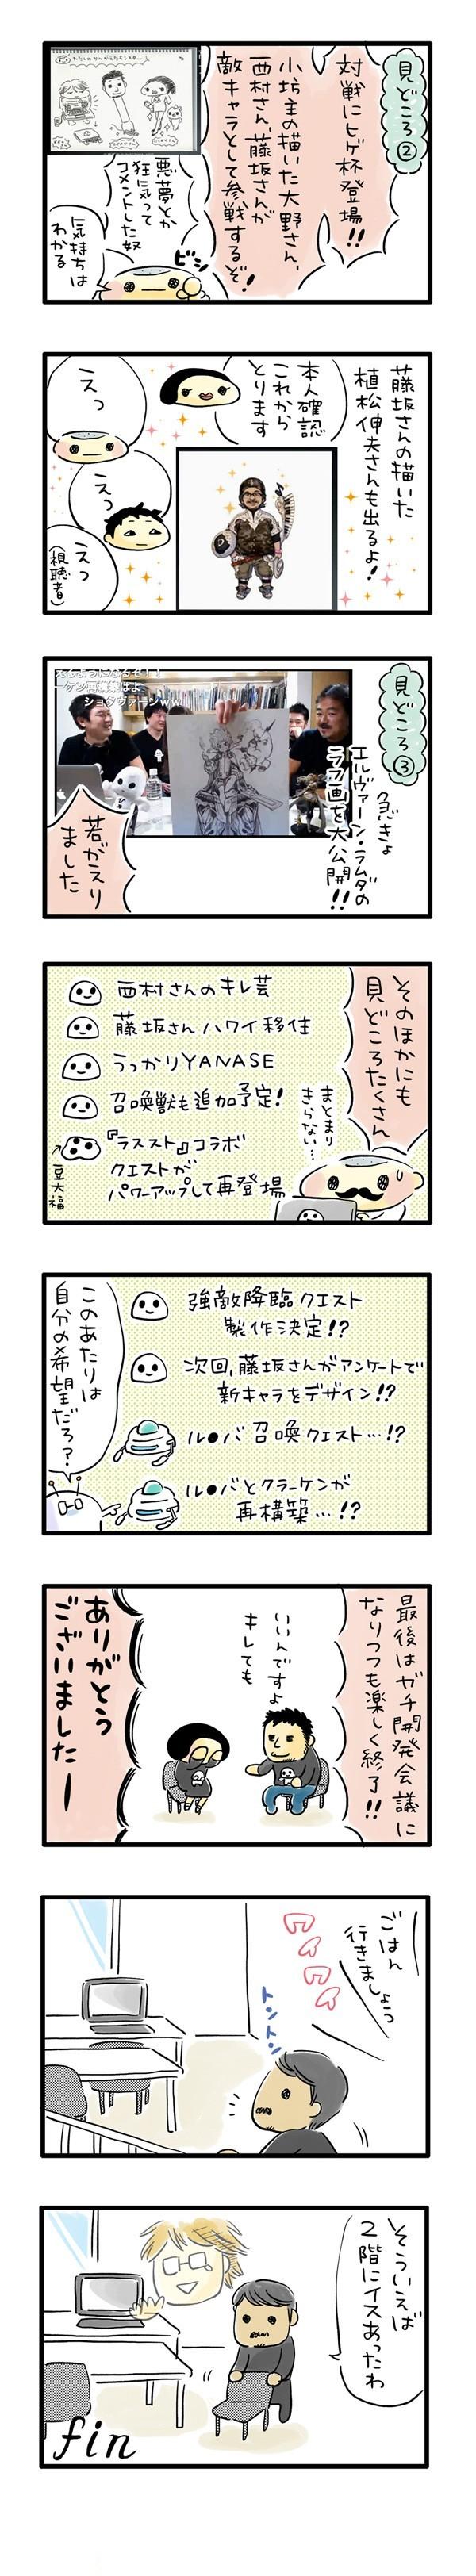 kaihatsu_02